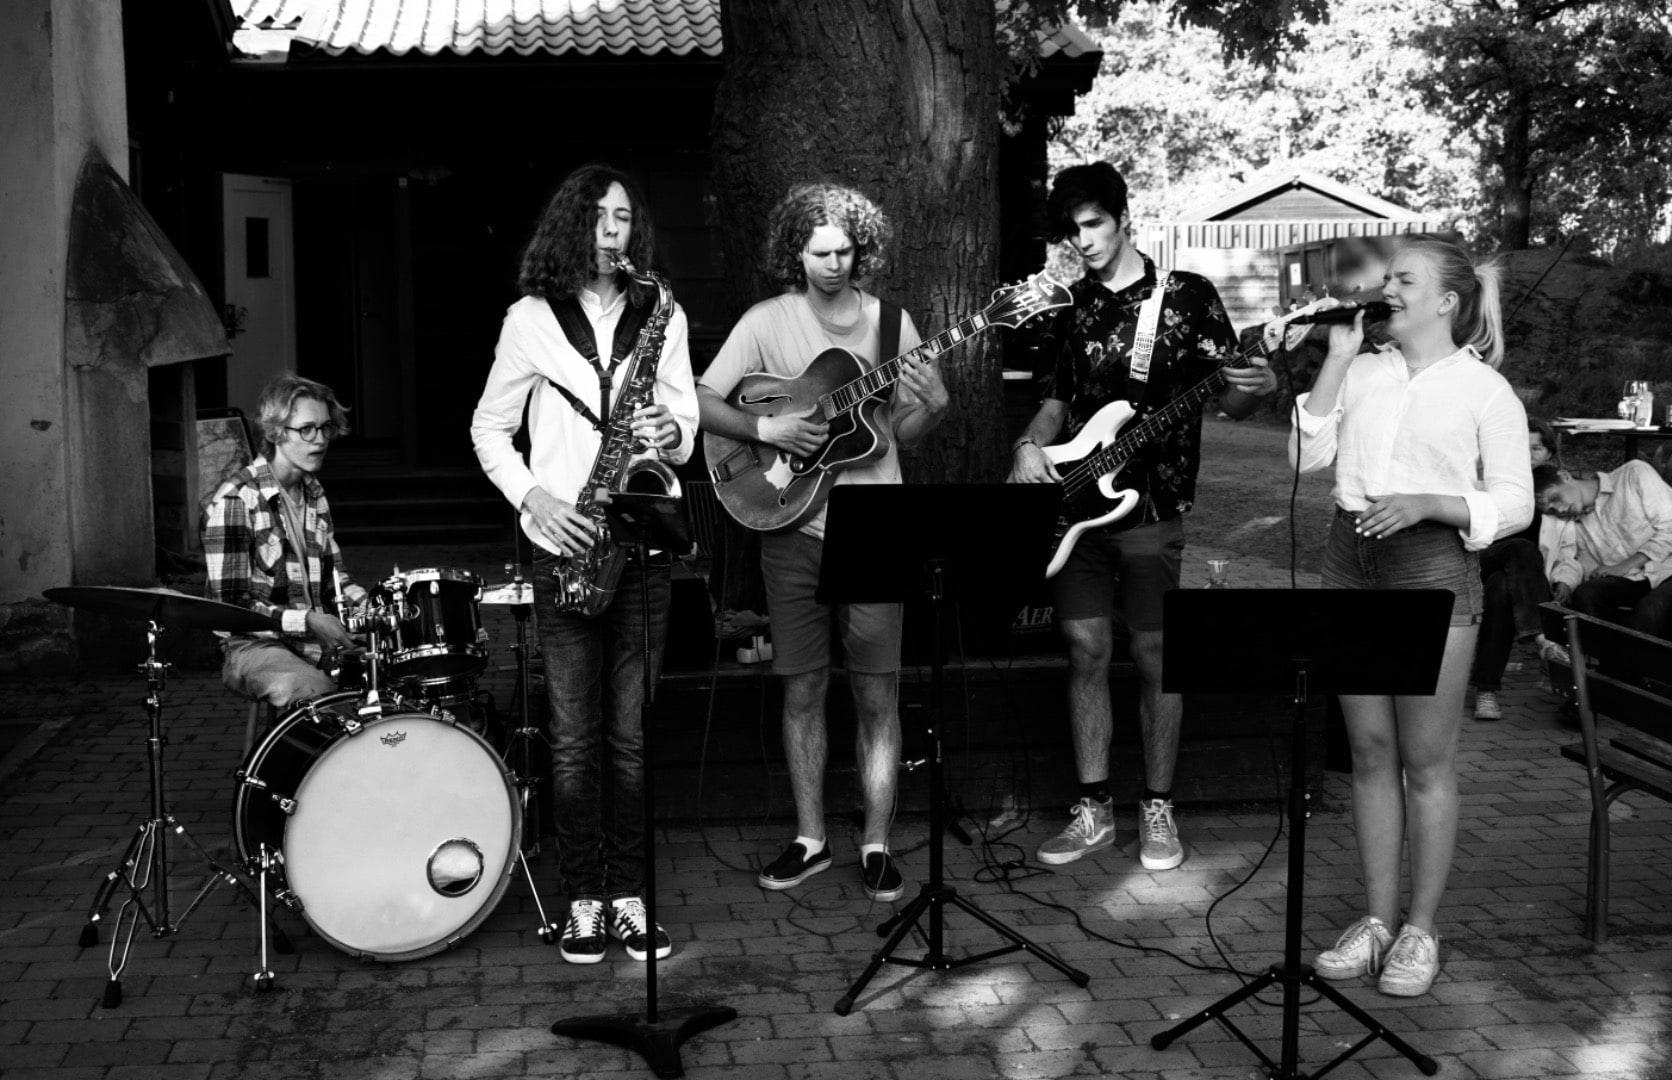 Sommar jazz jam på Biocafé Tellus